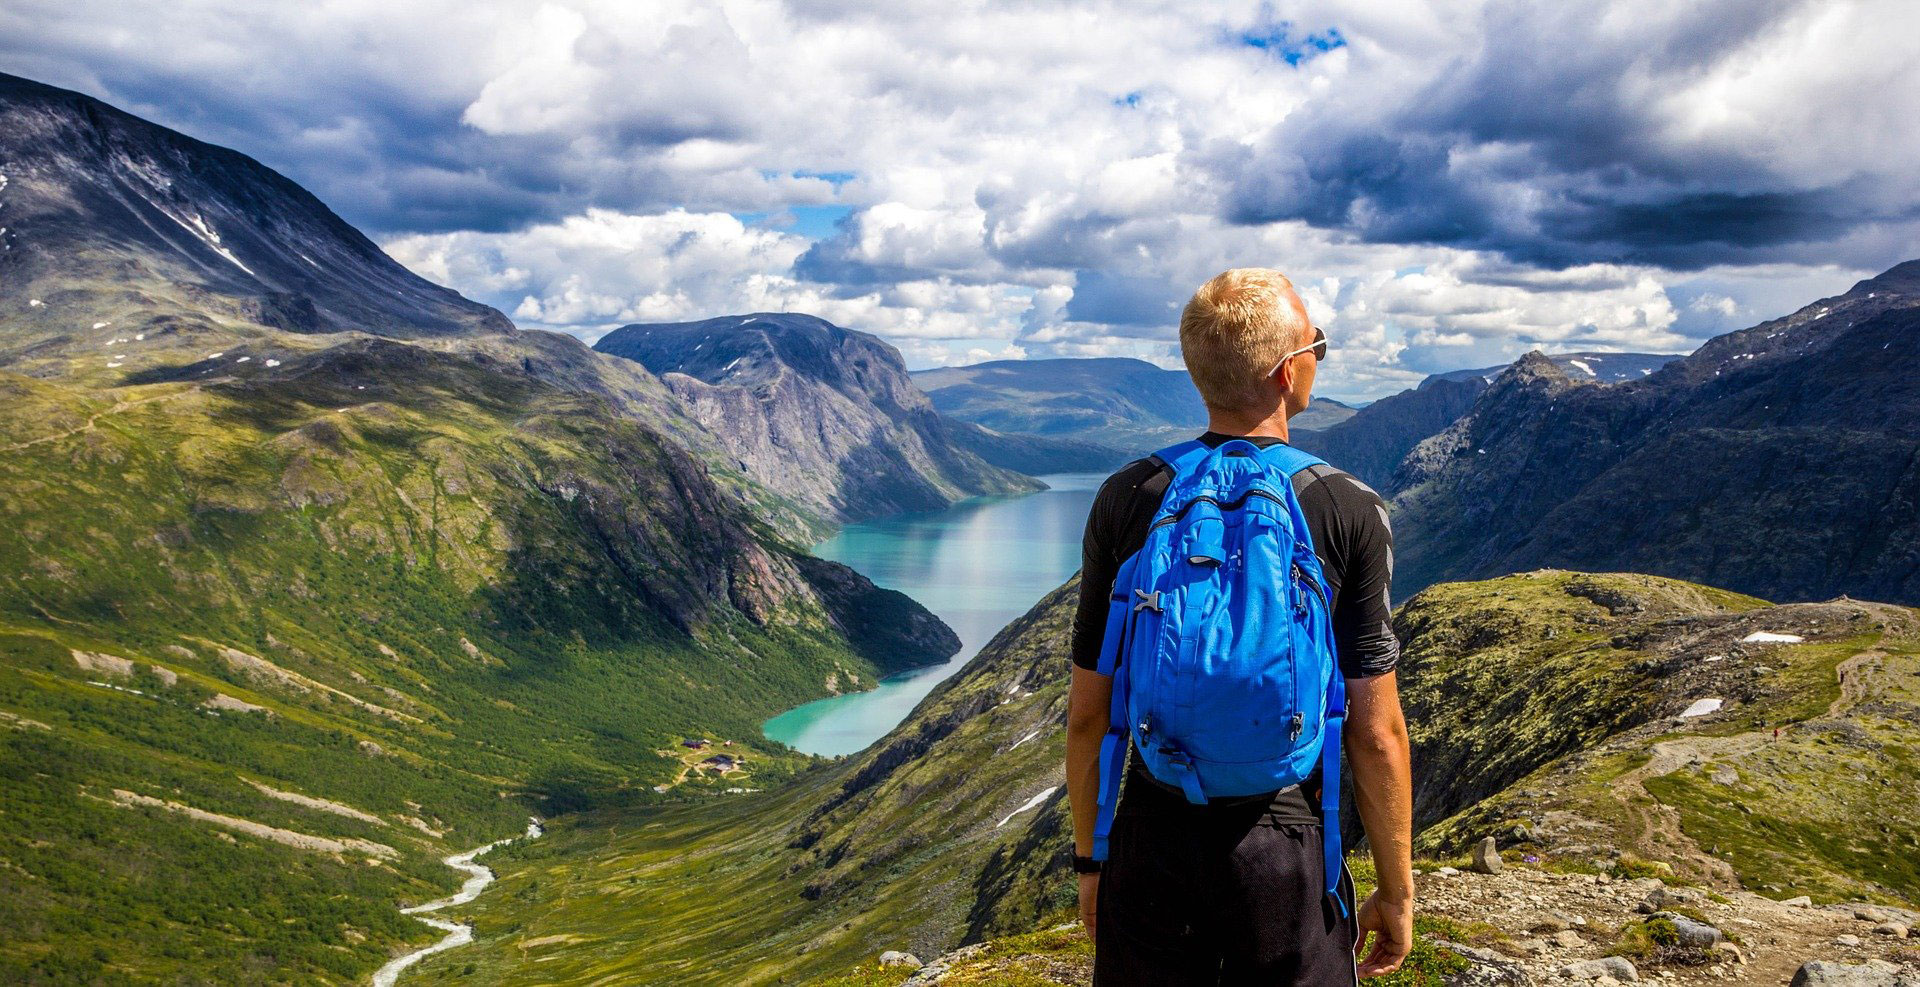 mann wandert in den bergen